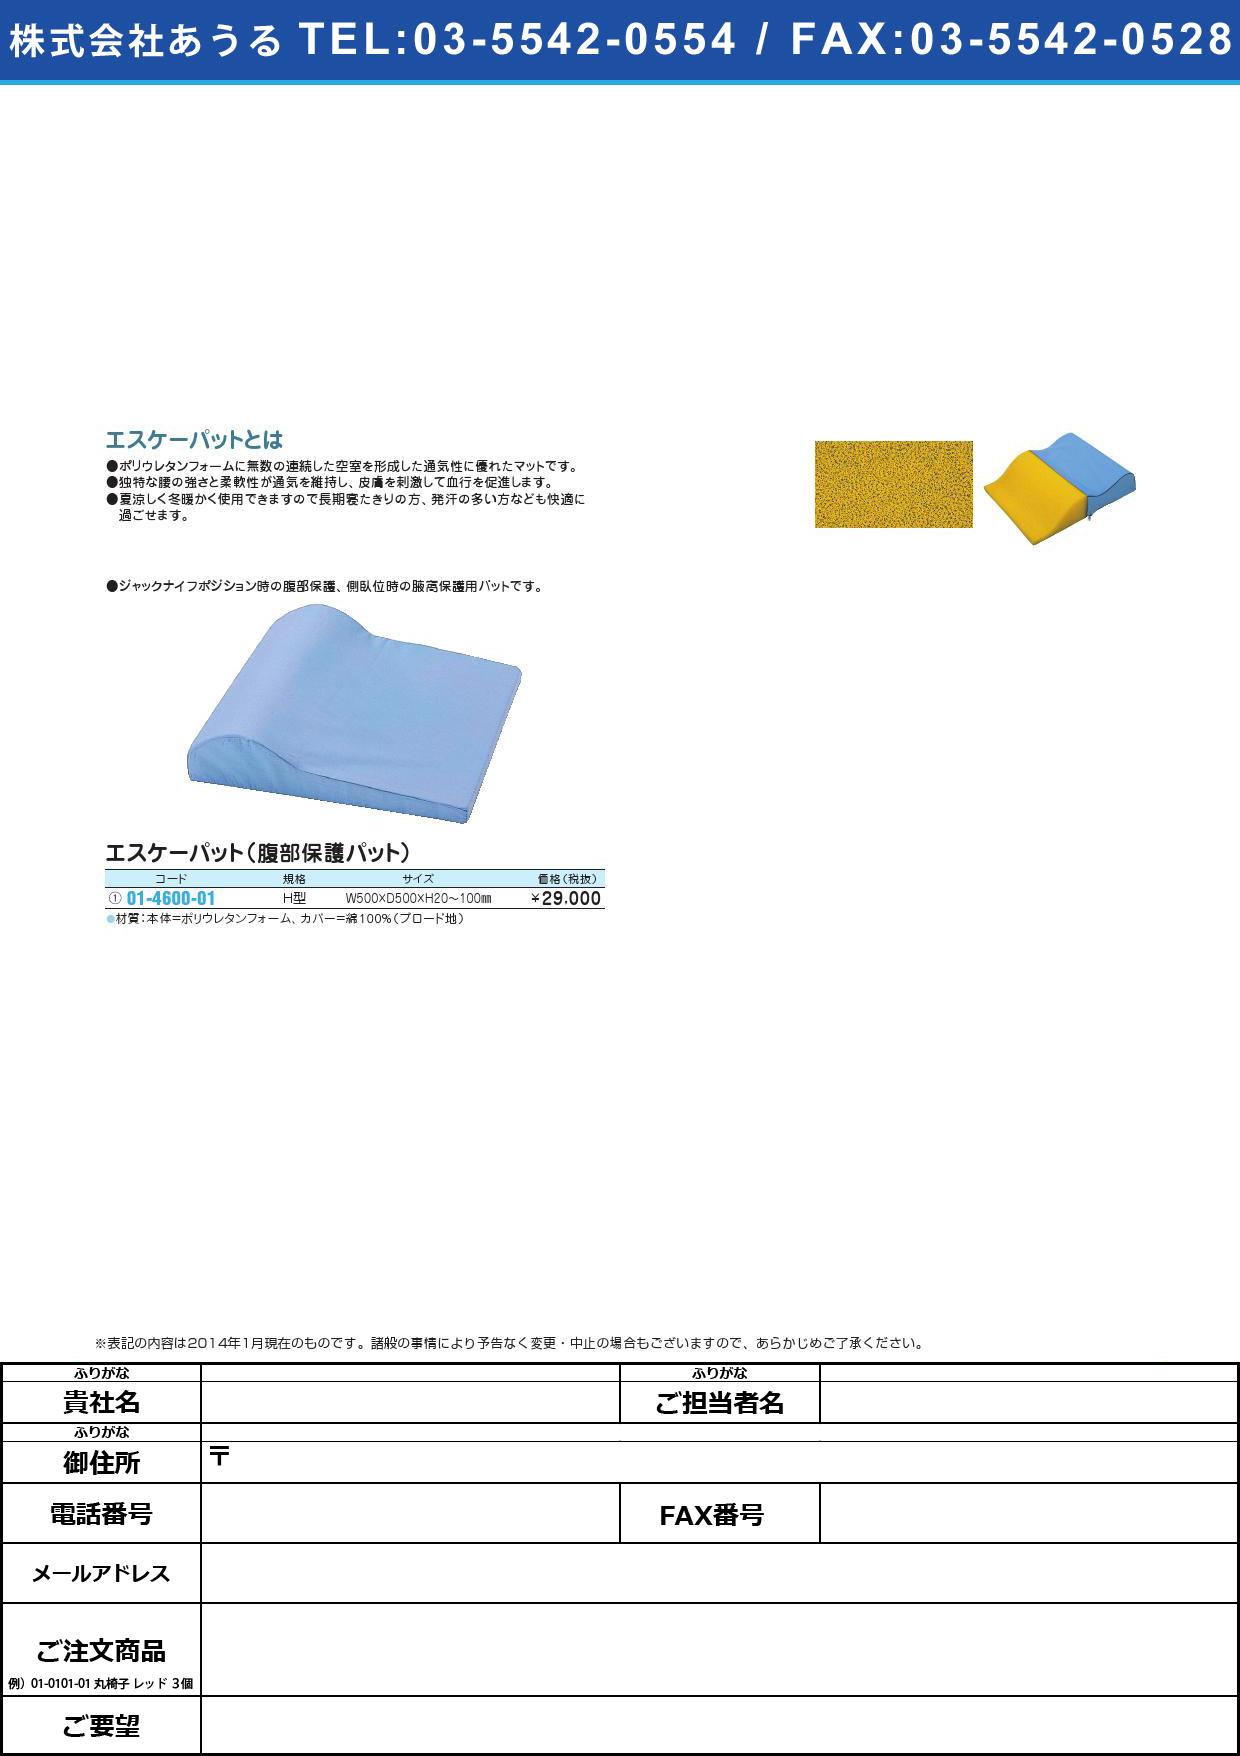 エスケーパット(腹部保護パット) エスケーパット(01-4600-01)Hガタ【1個単位】